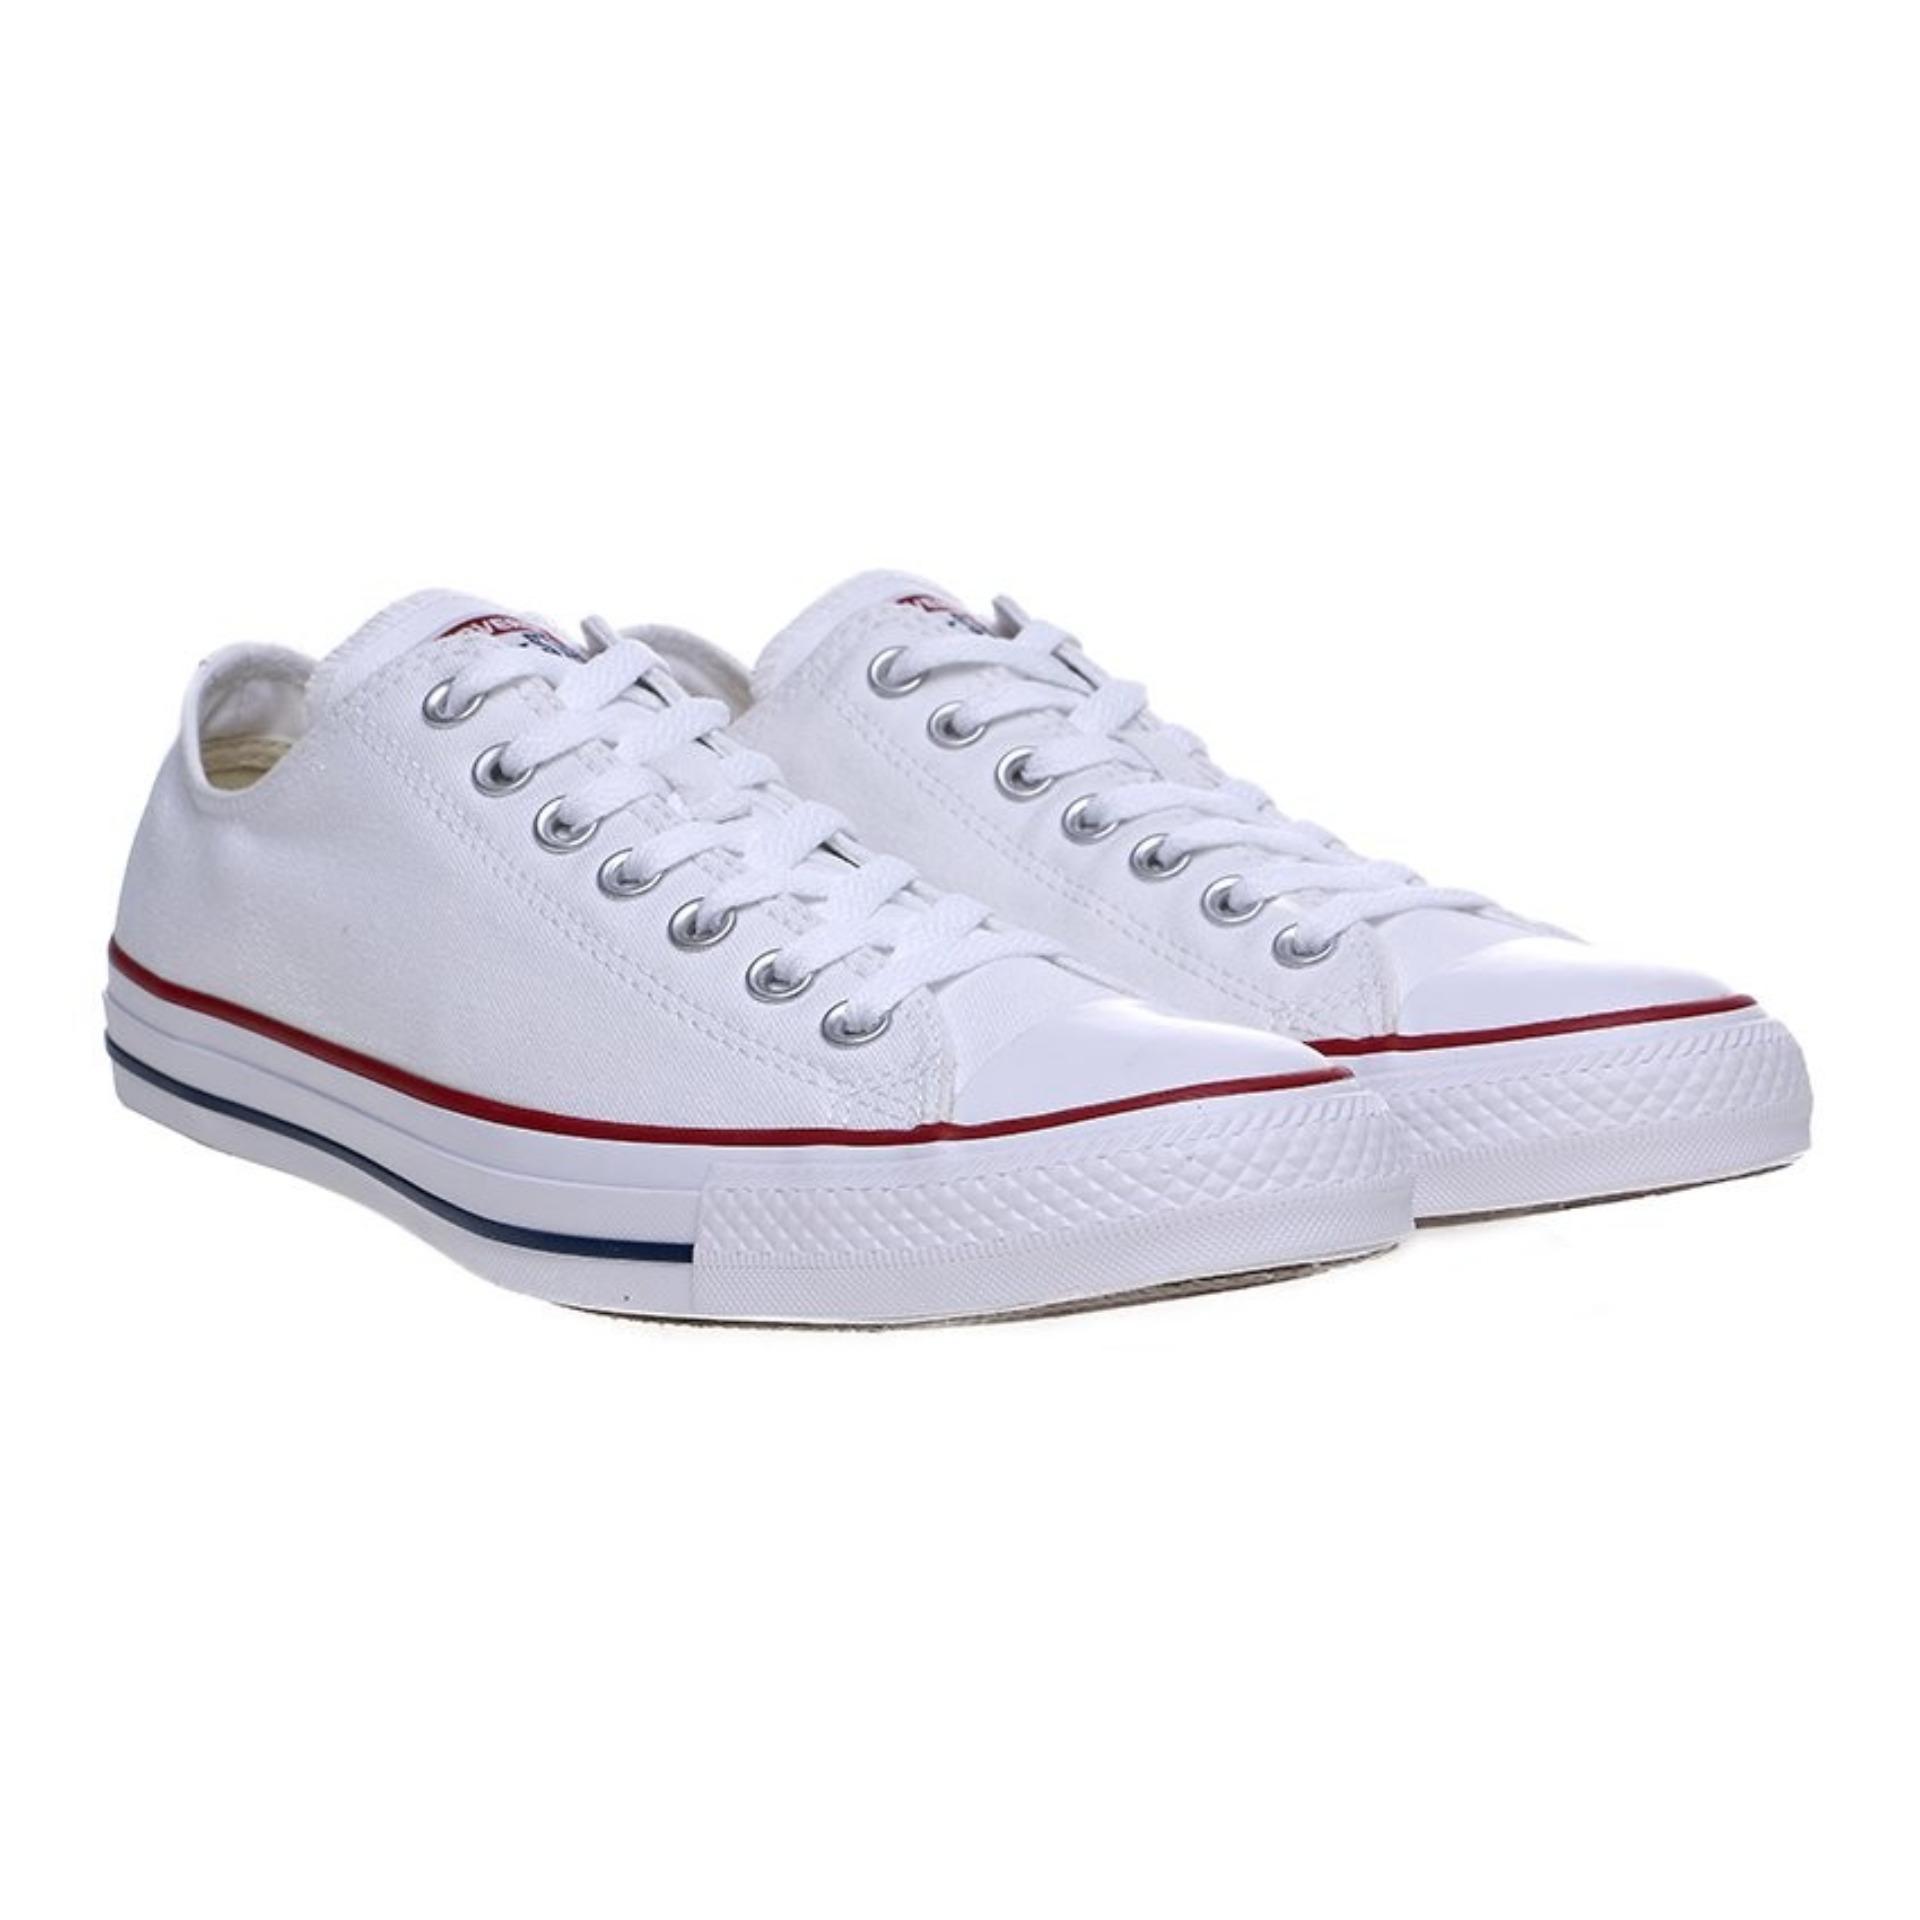 PastiMaksi Sepatu  BELI Sepatu Sneakers Wanita Hitam Line Putih 663e002017